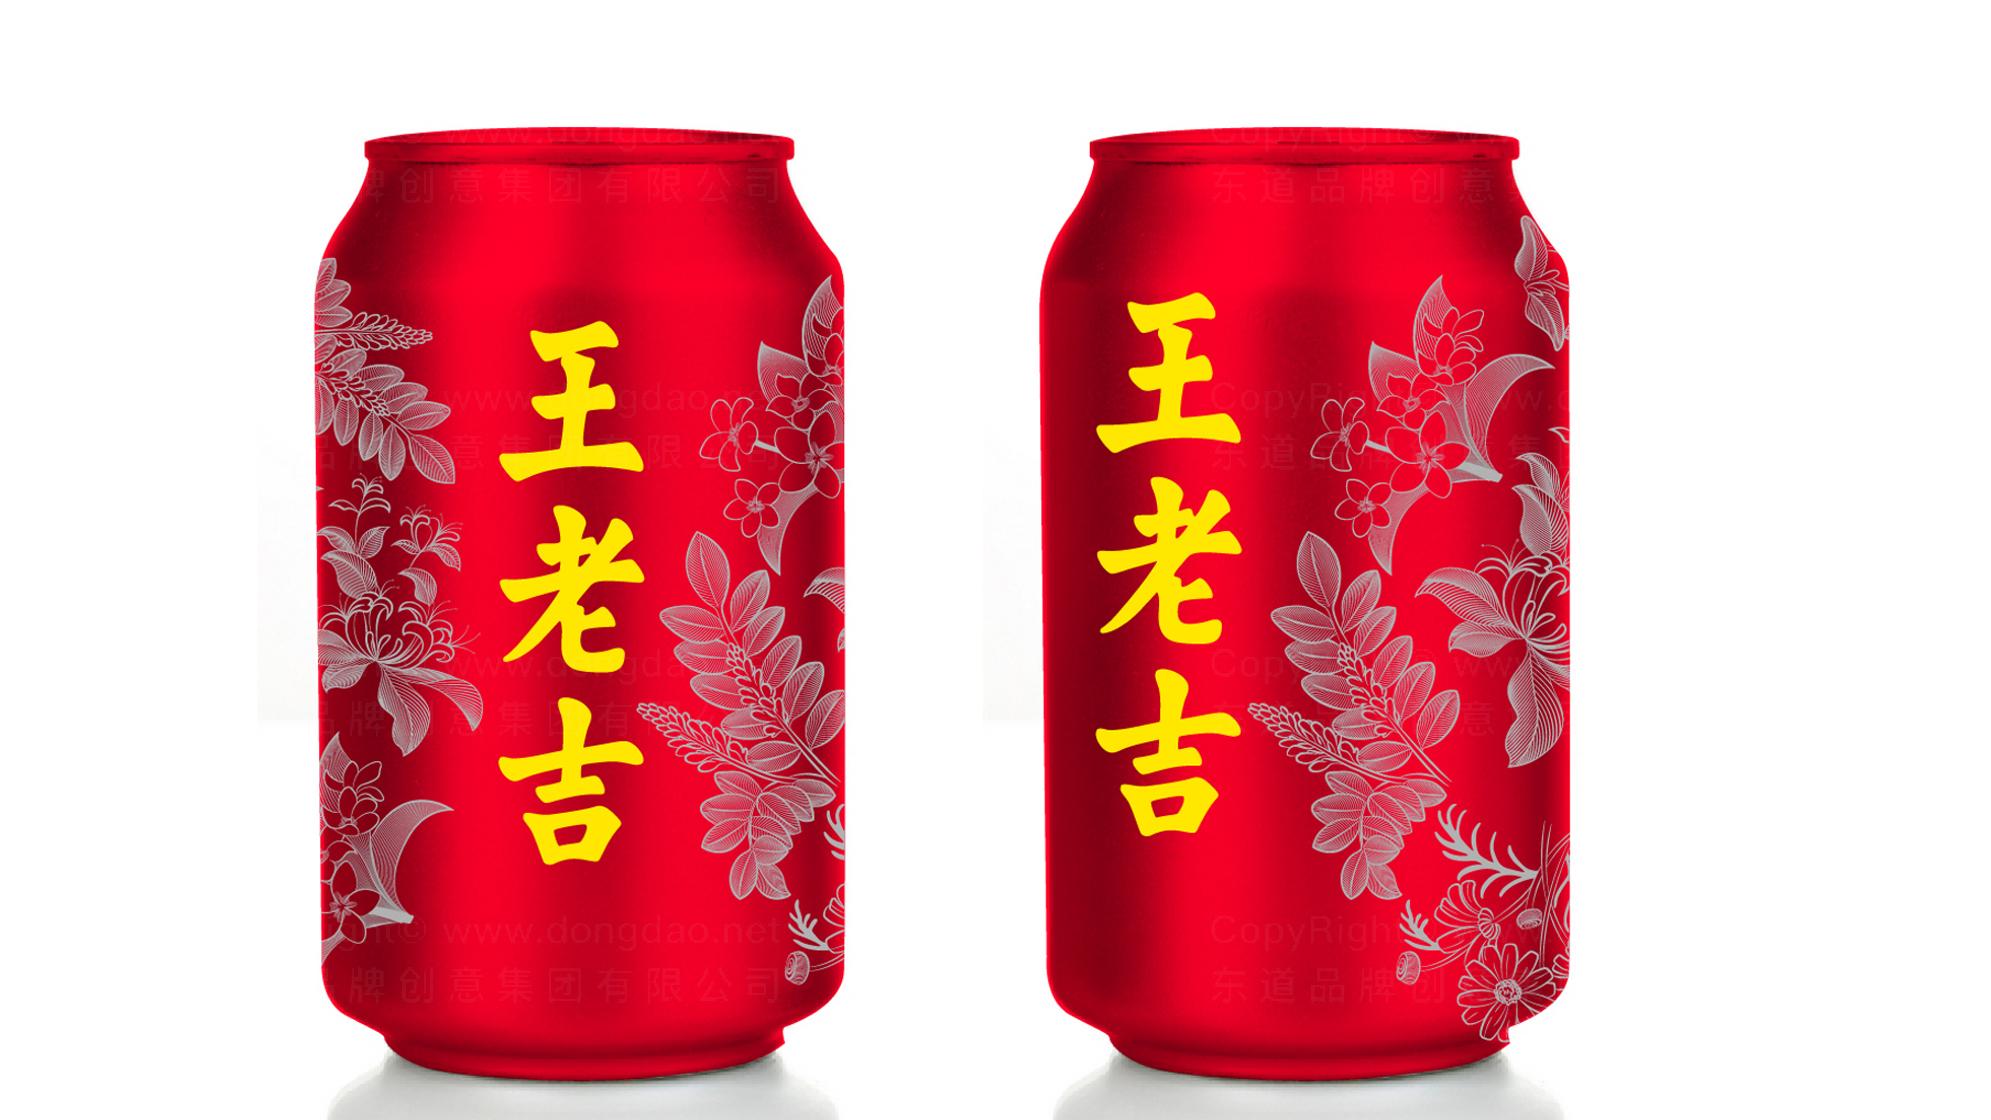 品牌设计王老吉LOGO优化应用场景